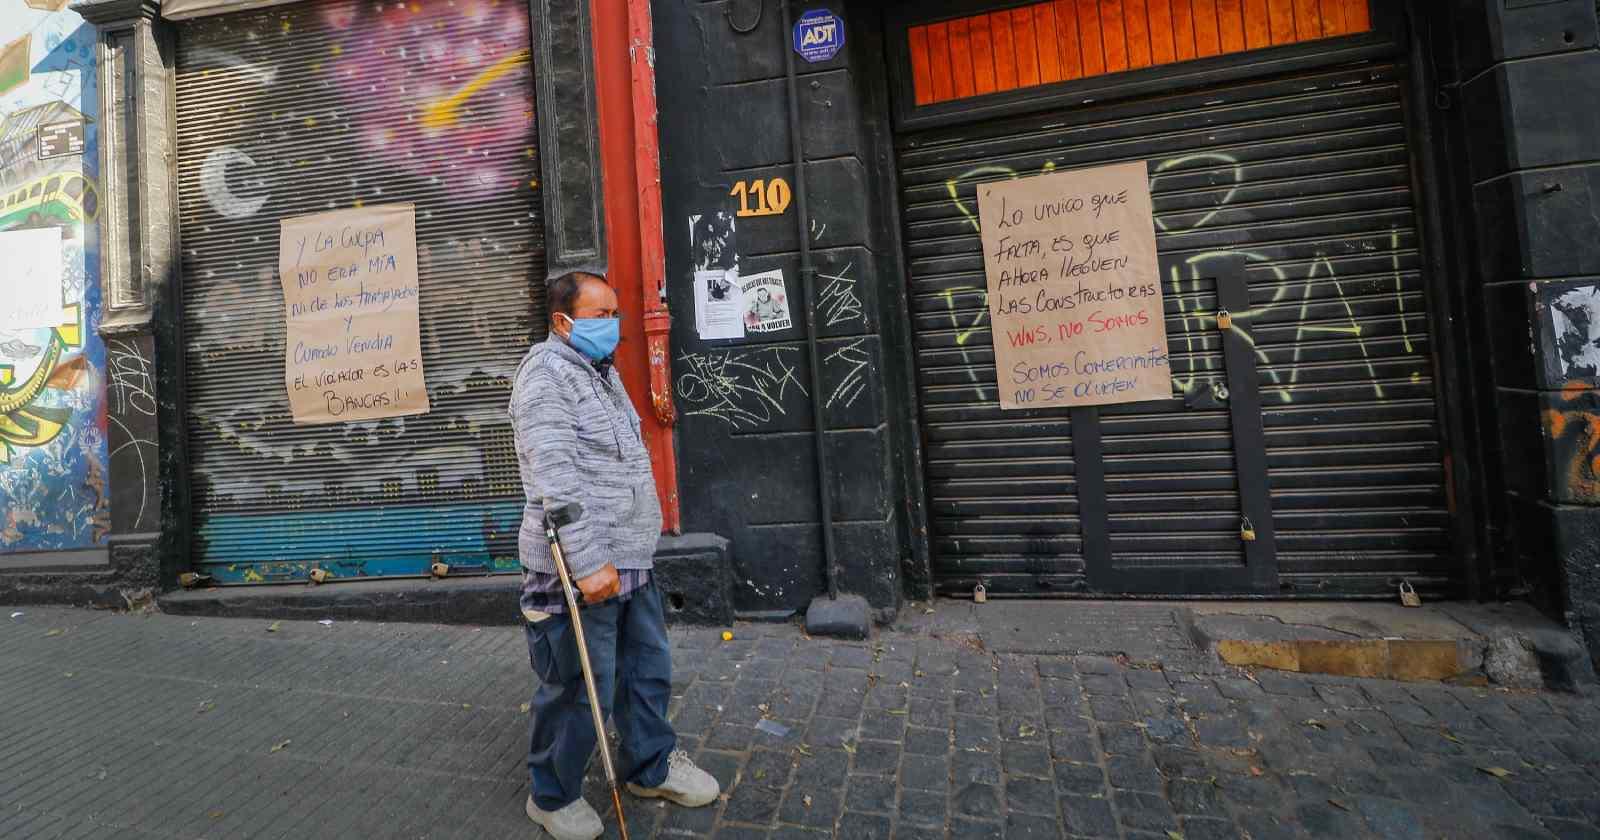 Recuperación económica de Chile podría ser recién en 2022